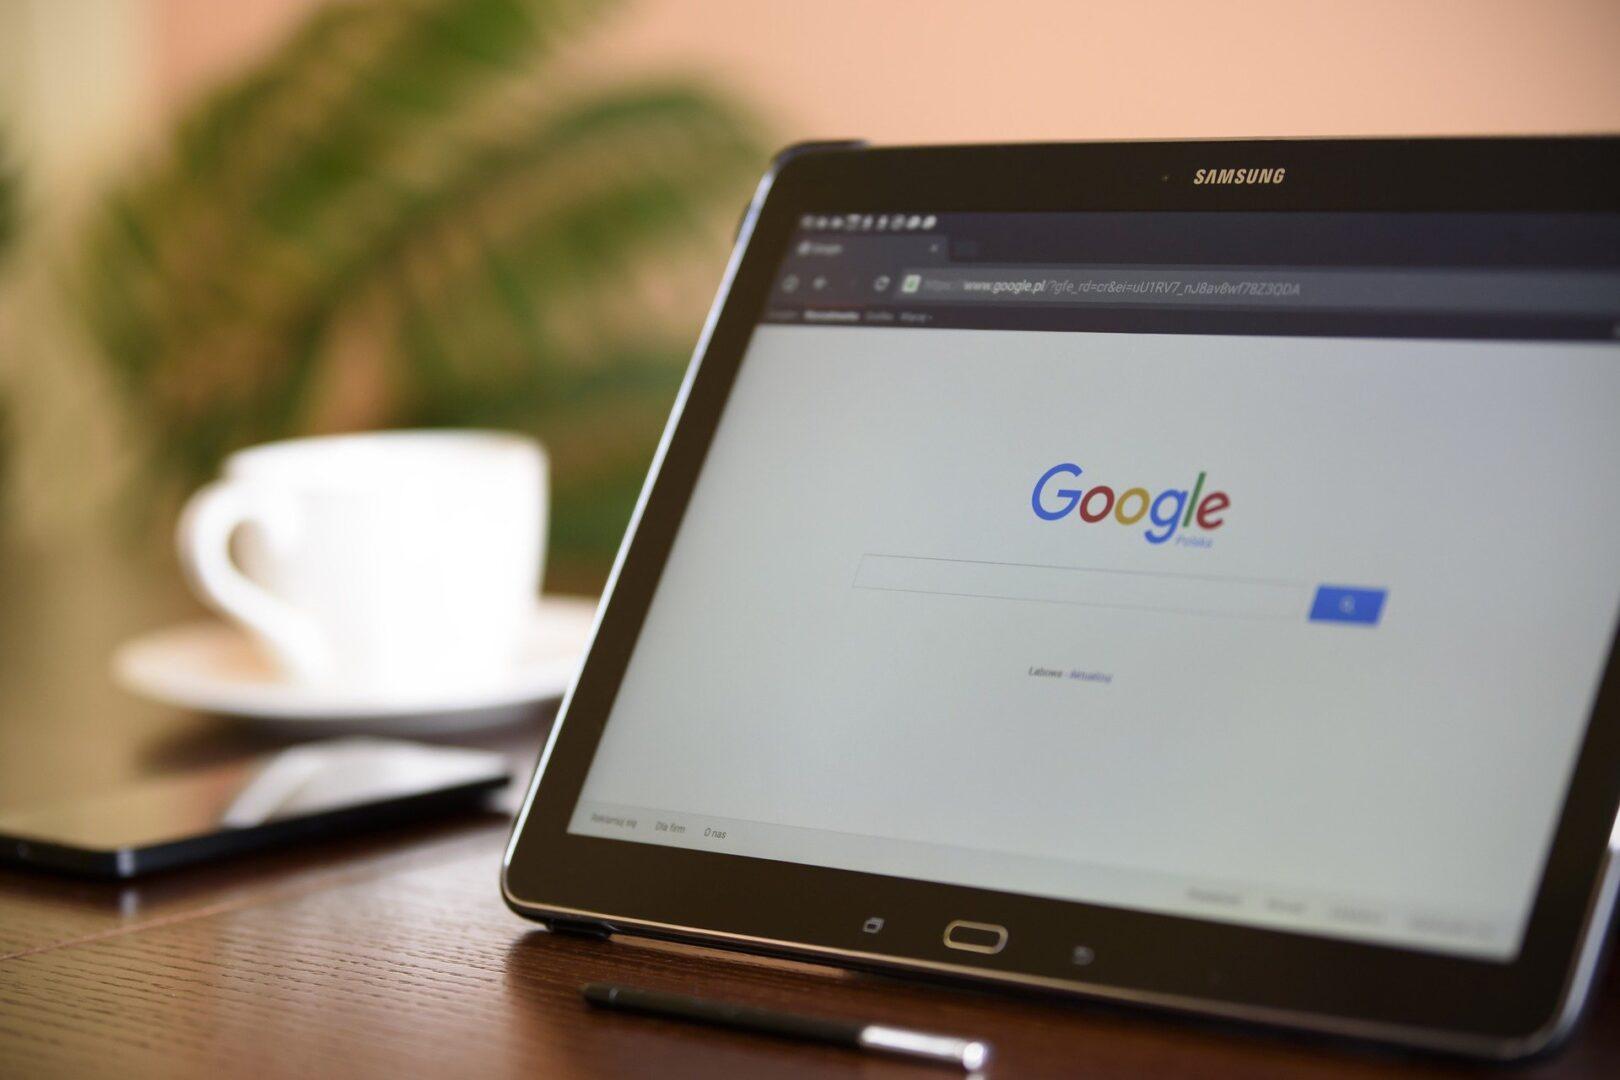 Preverite na Googlu delodajalca pri katerem iščete službo